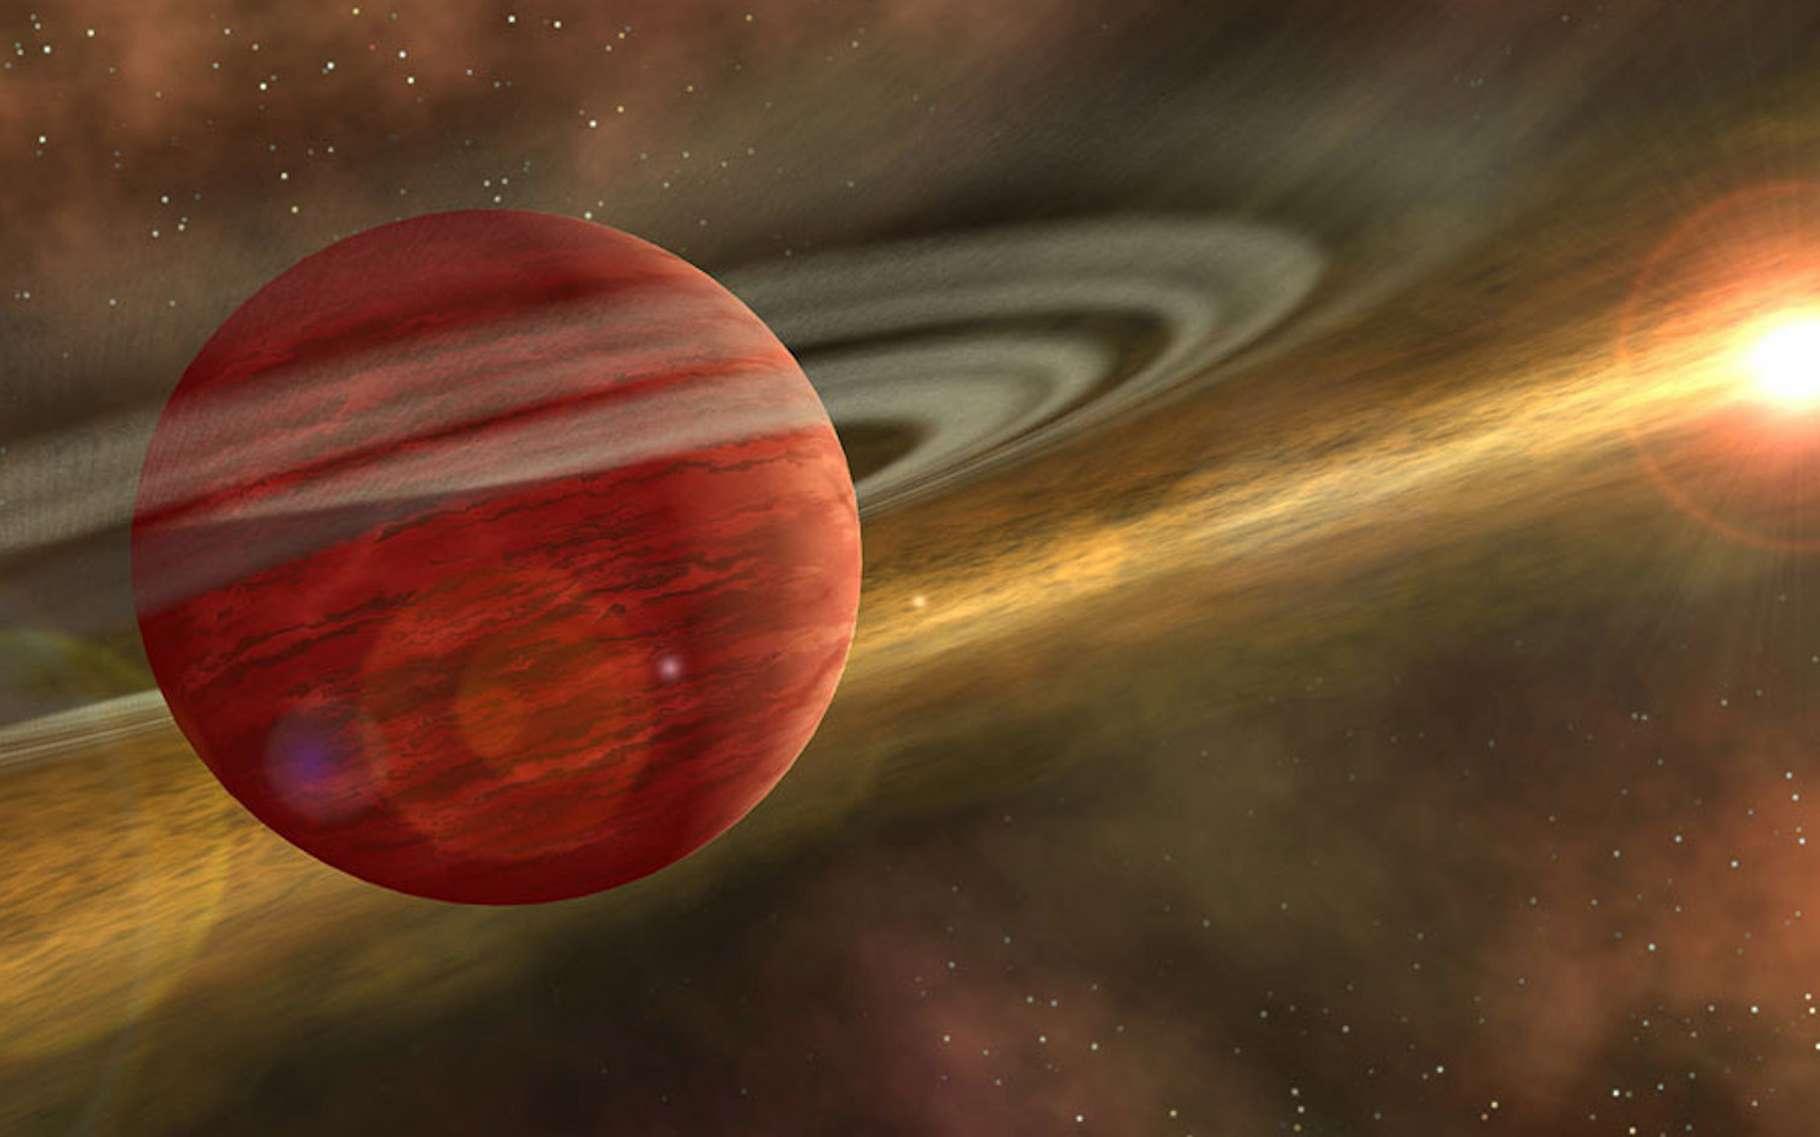 Ici, une vue d'artiste d'une planète géante en orbite autour d'une étoile jeune et rappelant le cas de 2MASS 1155-7919 b, le bébé planète géante découvert par des chercheurs du Rochester Institute of Technology (États-Unis). © Nasa, JPL-Caltech, R. Blessure (SSC-Caltech)